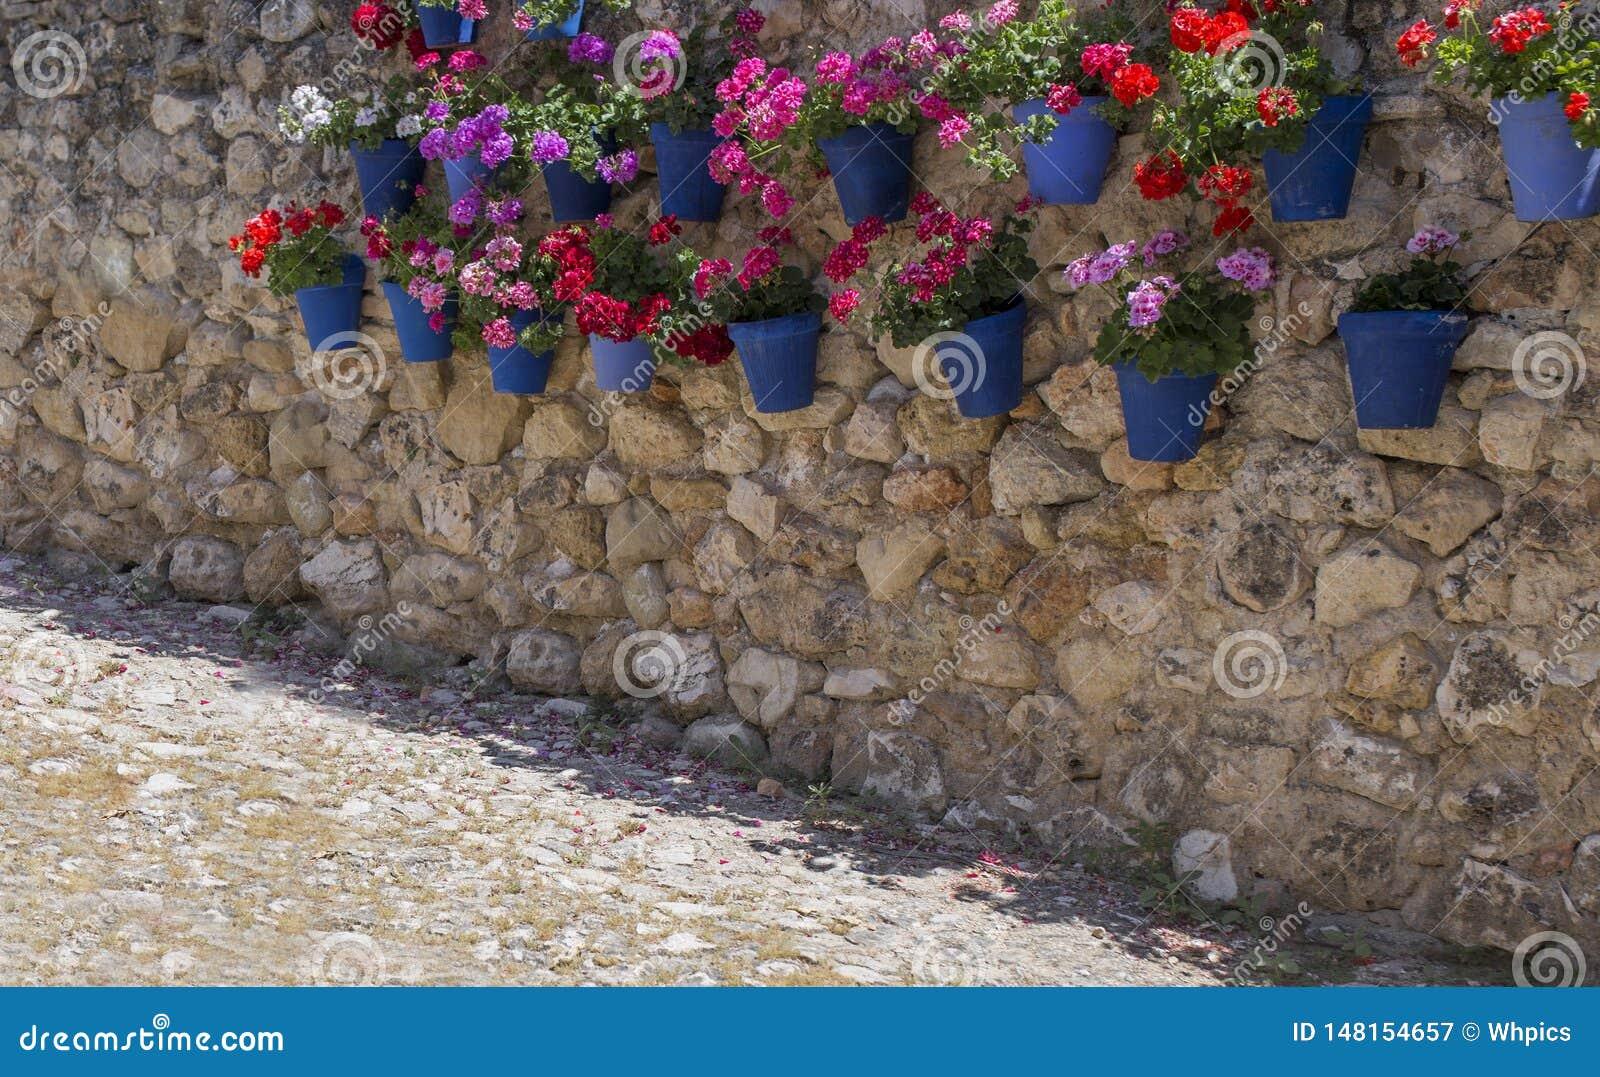 Σύνολο τοίχων βράχου συνημμένα μπλε flowerpots